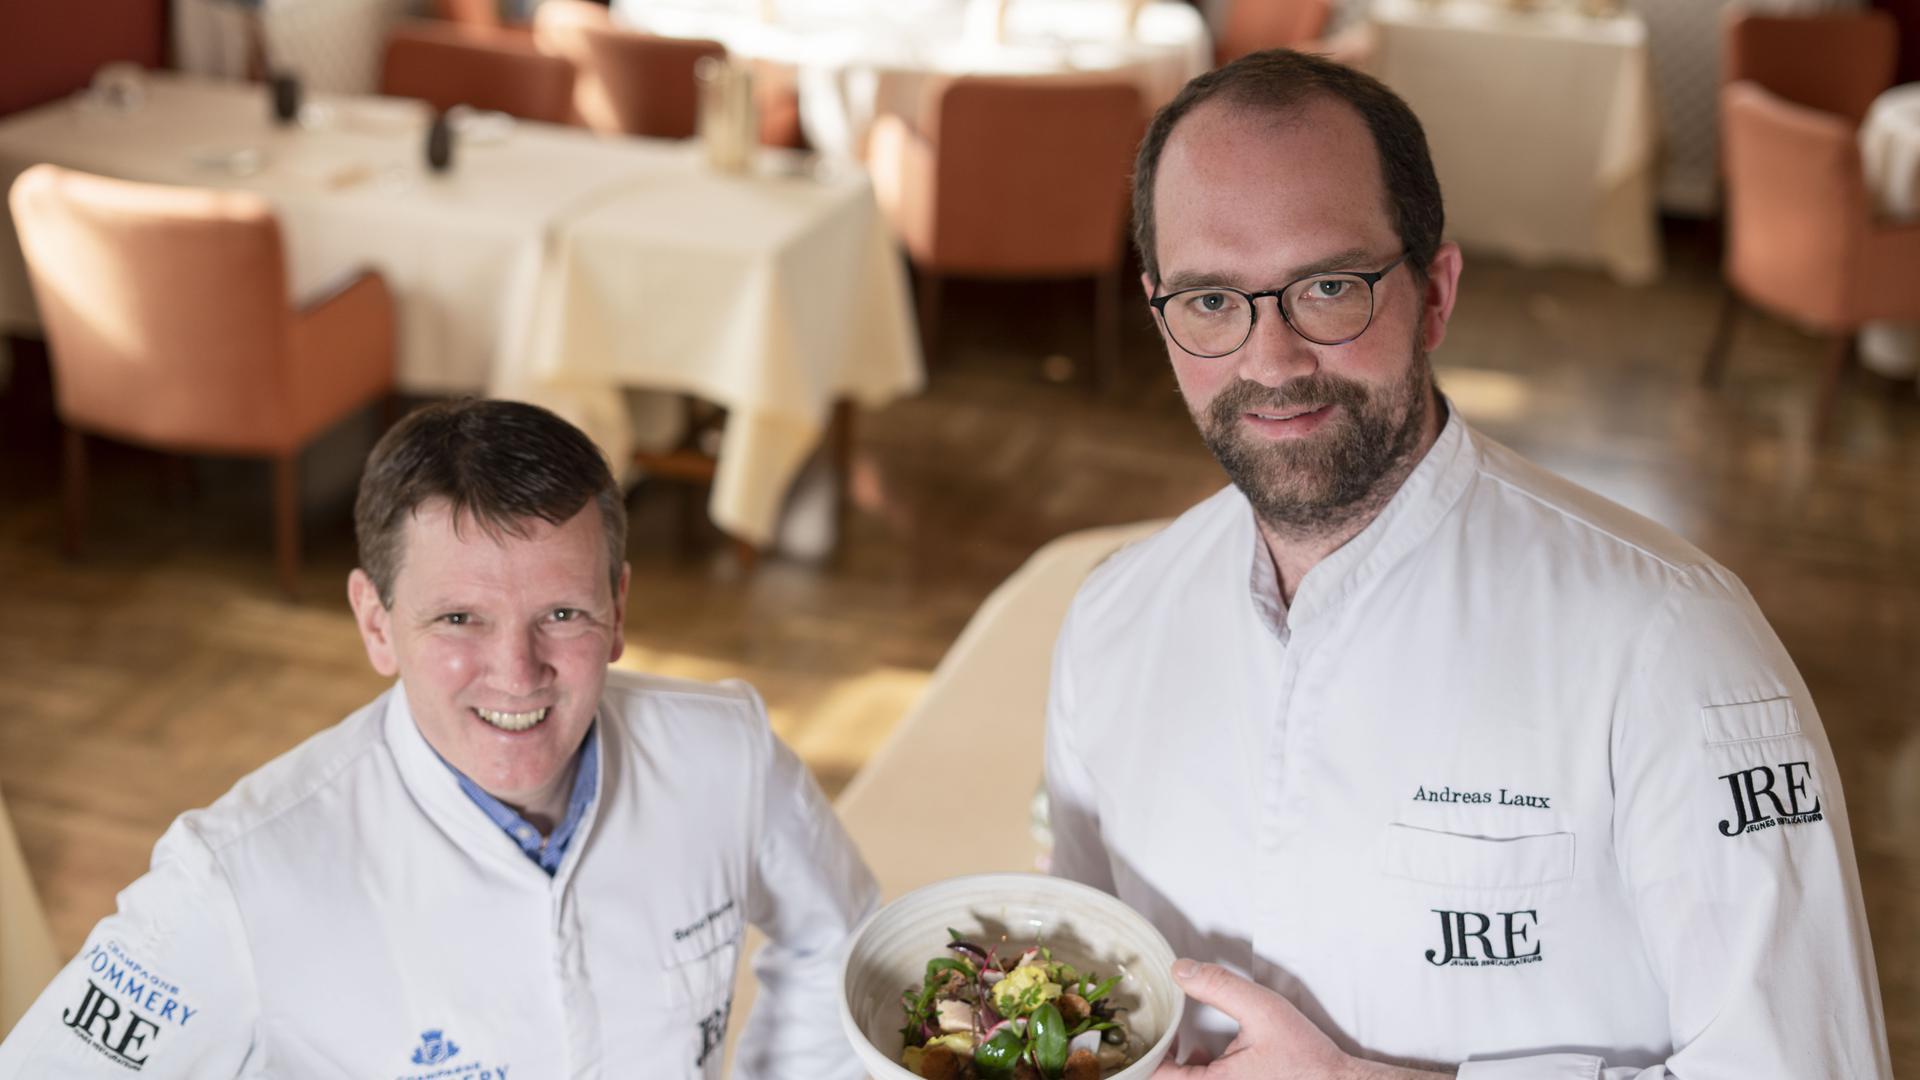 Bernd Werner und Andreas Laux vom Schloss Eberstein in Gernsbach mit Teller